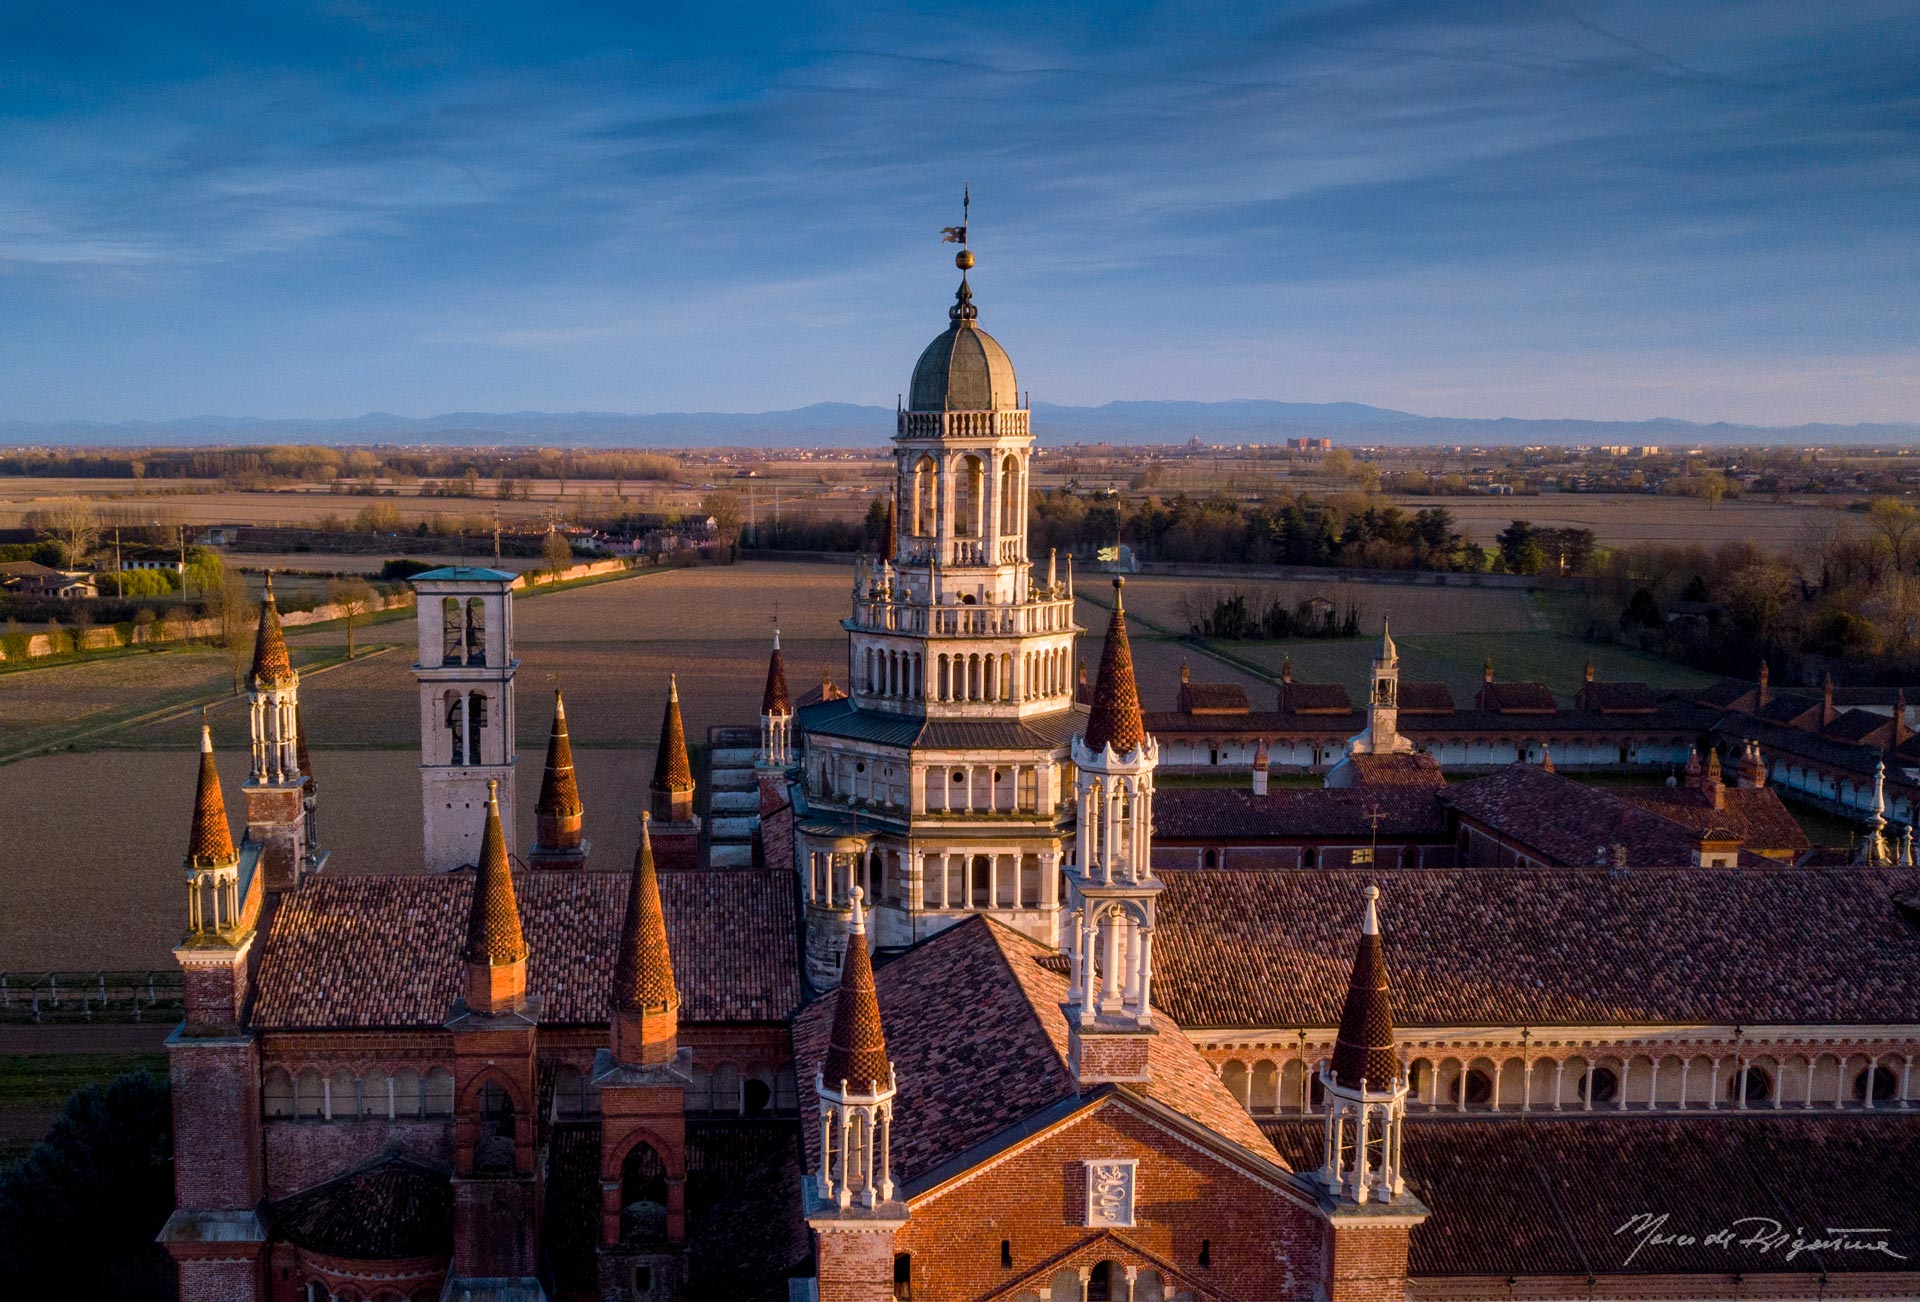 esperienza drone immagine portfolio turismo promozione territorio italia antiche residenze castelli alberghi hotel certosadipavia.jpg